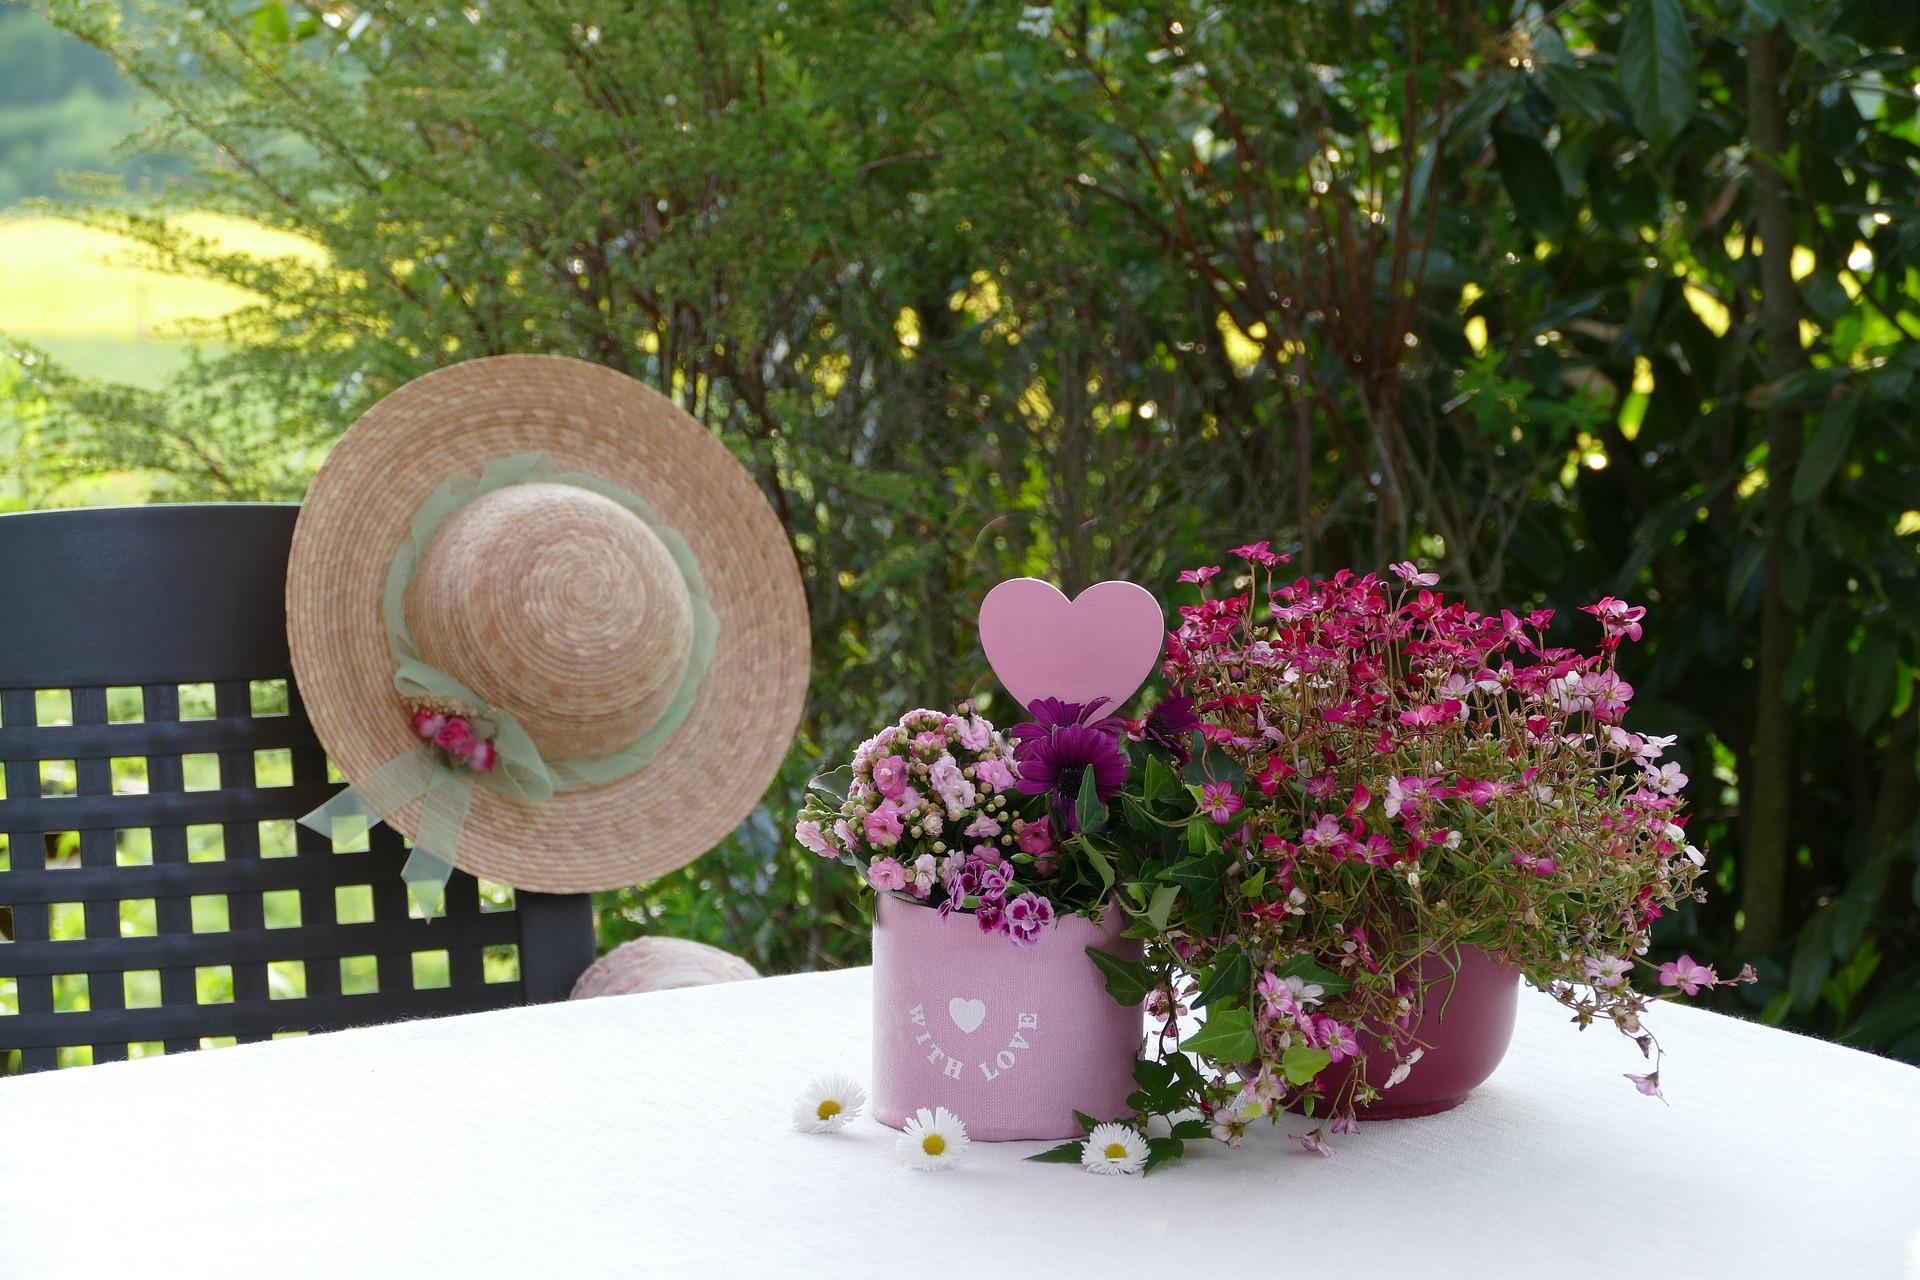 鉢植えをプレゼントするのは迷惑になる可能性が高い3つの理由